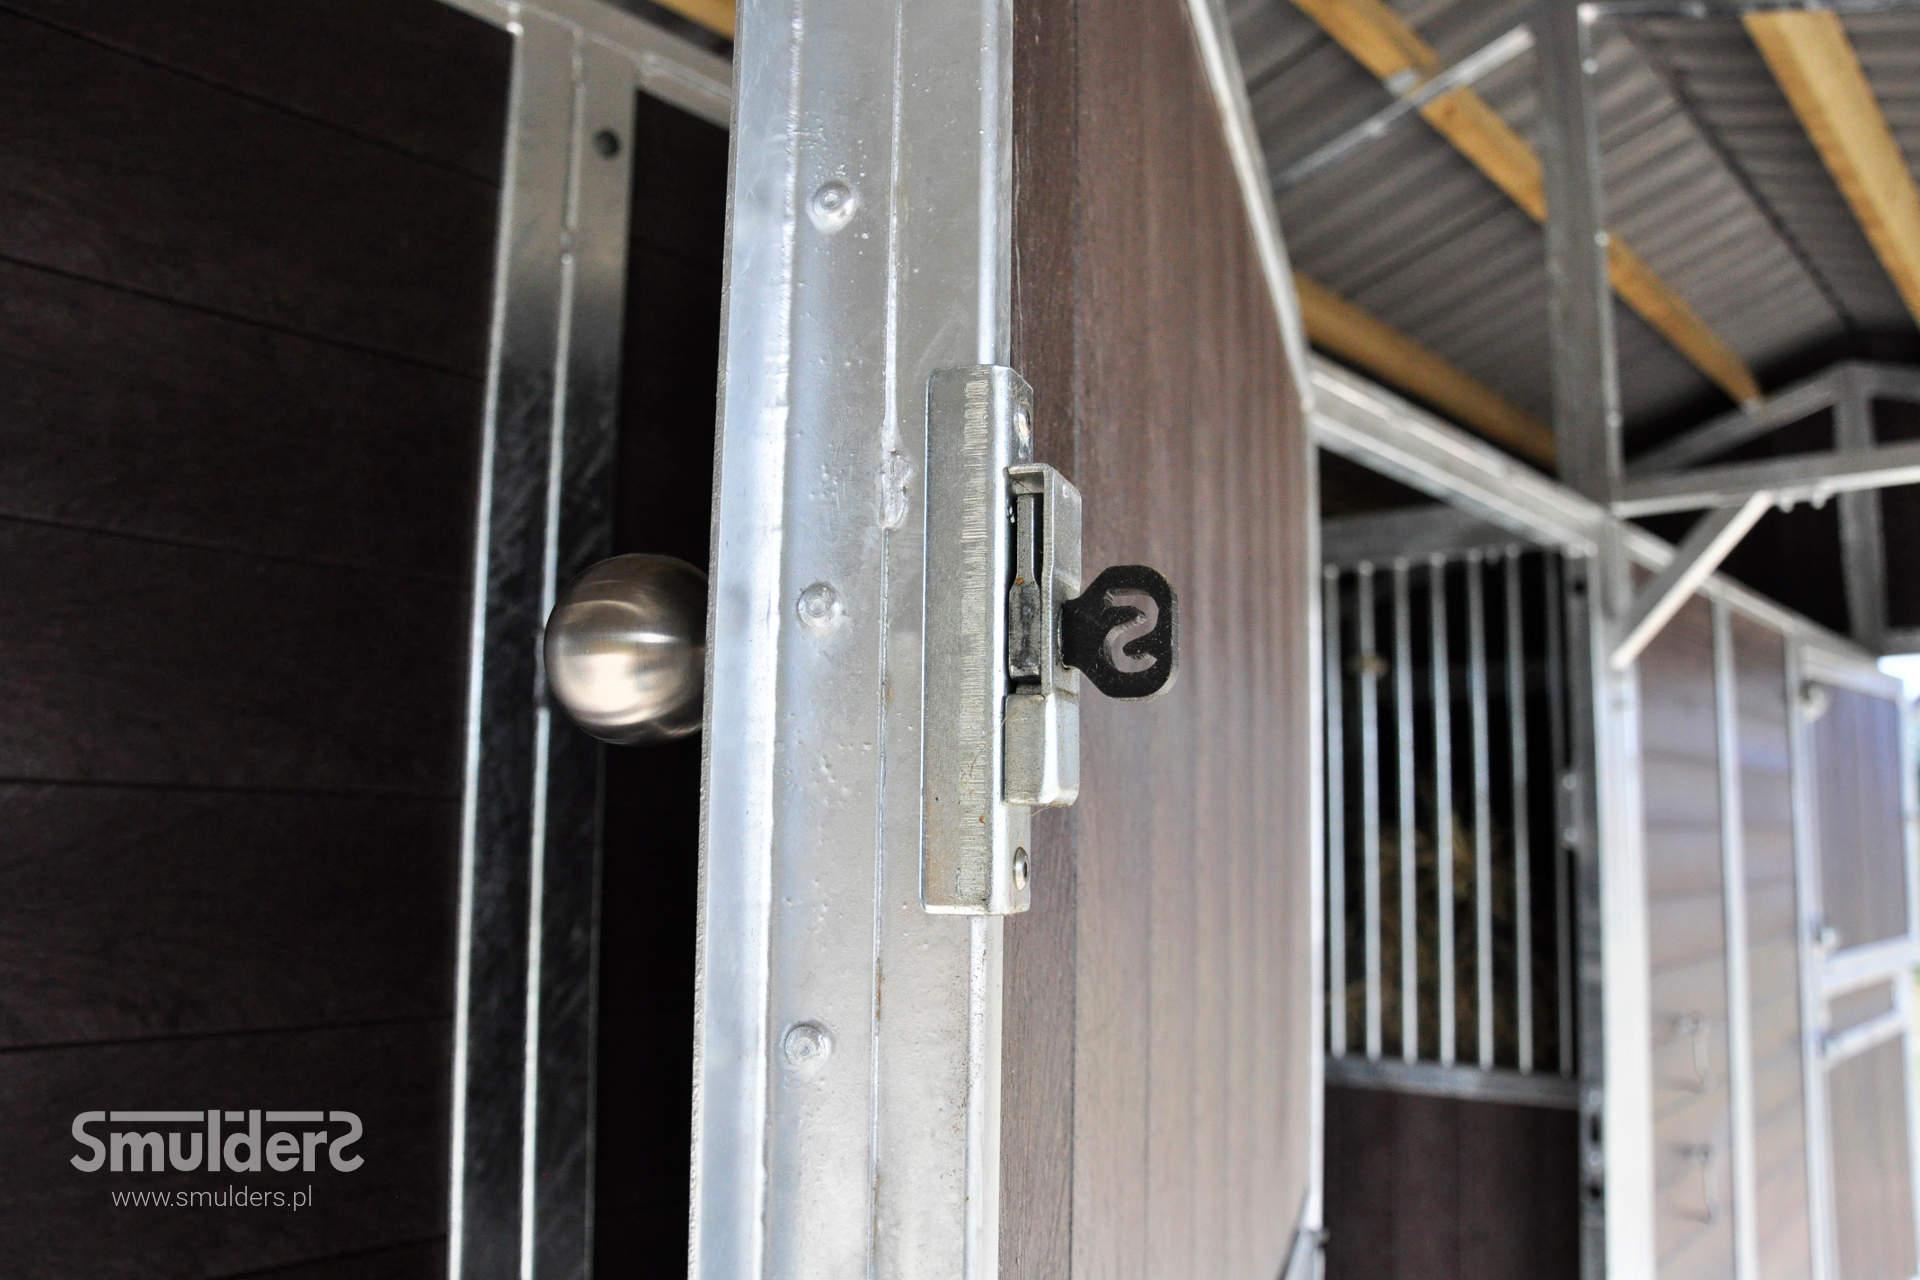 https://www.smulders.pl/wp-content/uploads/2019/07/f007_outdoor-stables_KCN_SMULDERS_PL.jpg